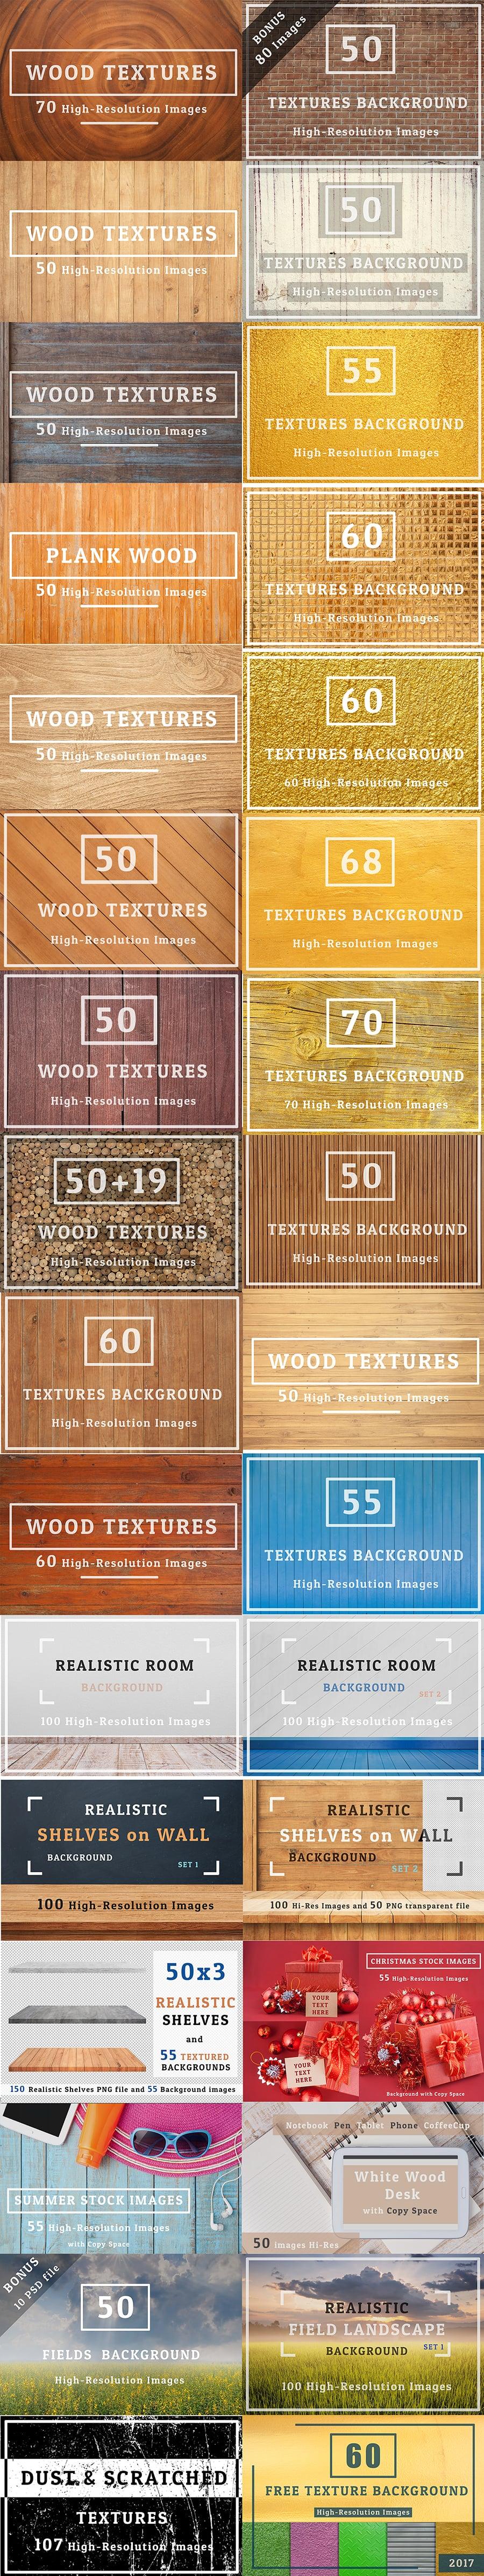 2000+ Textures Background Bundle - 2000 Textures Background Bundle for Masterbundle 900x2000